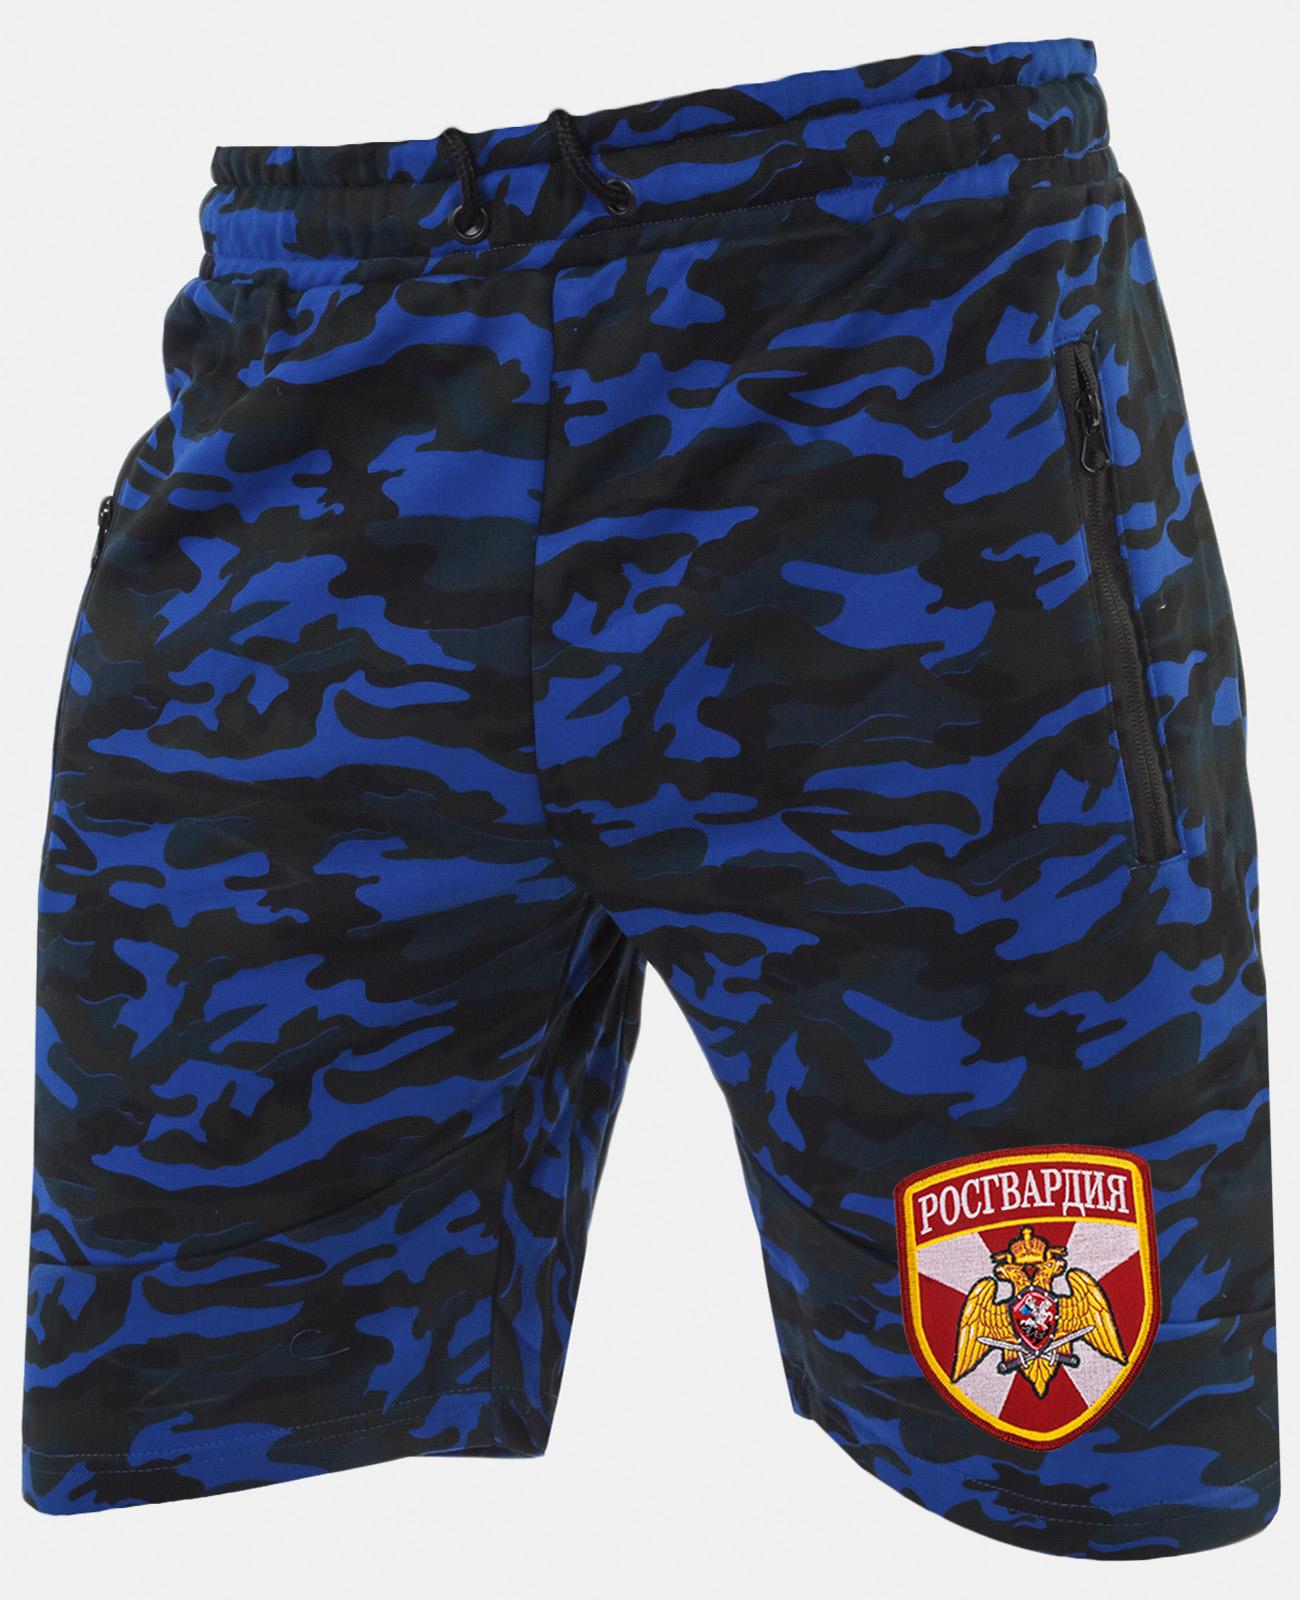 Армейские милитари шорты с нашивкой Росгвардия